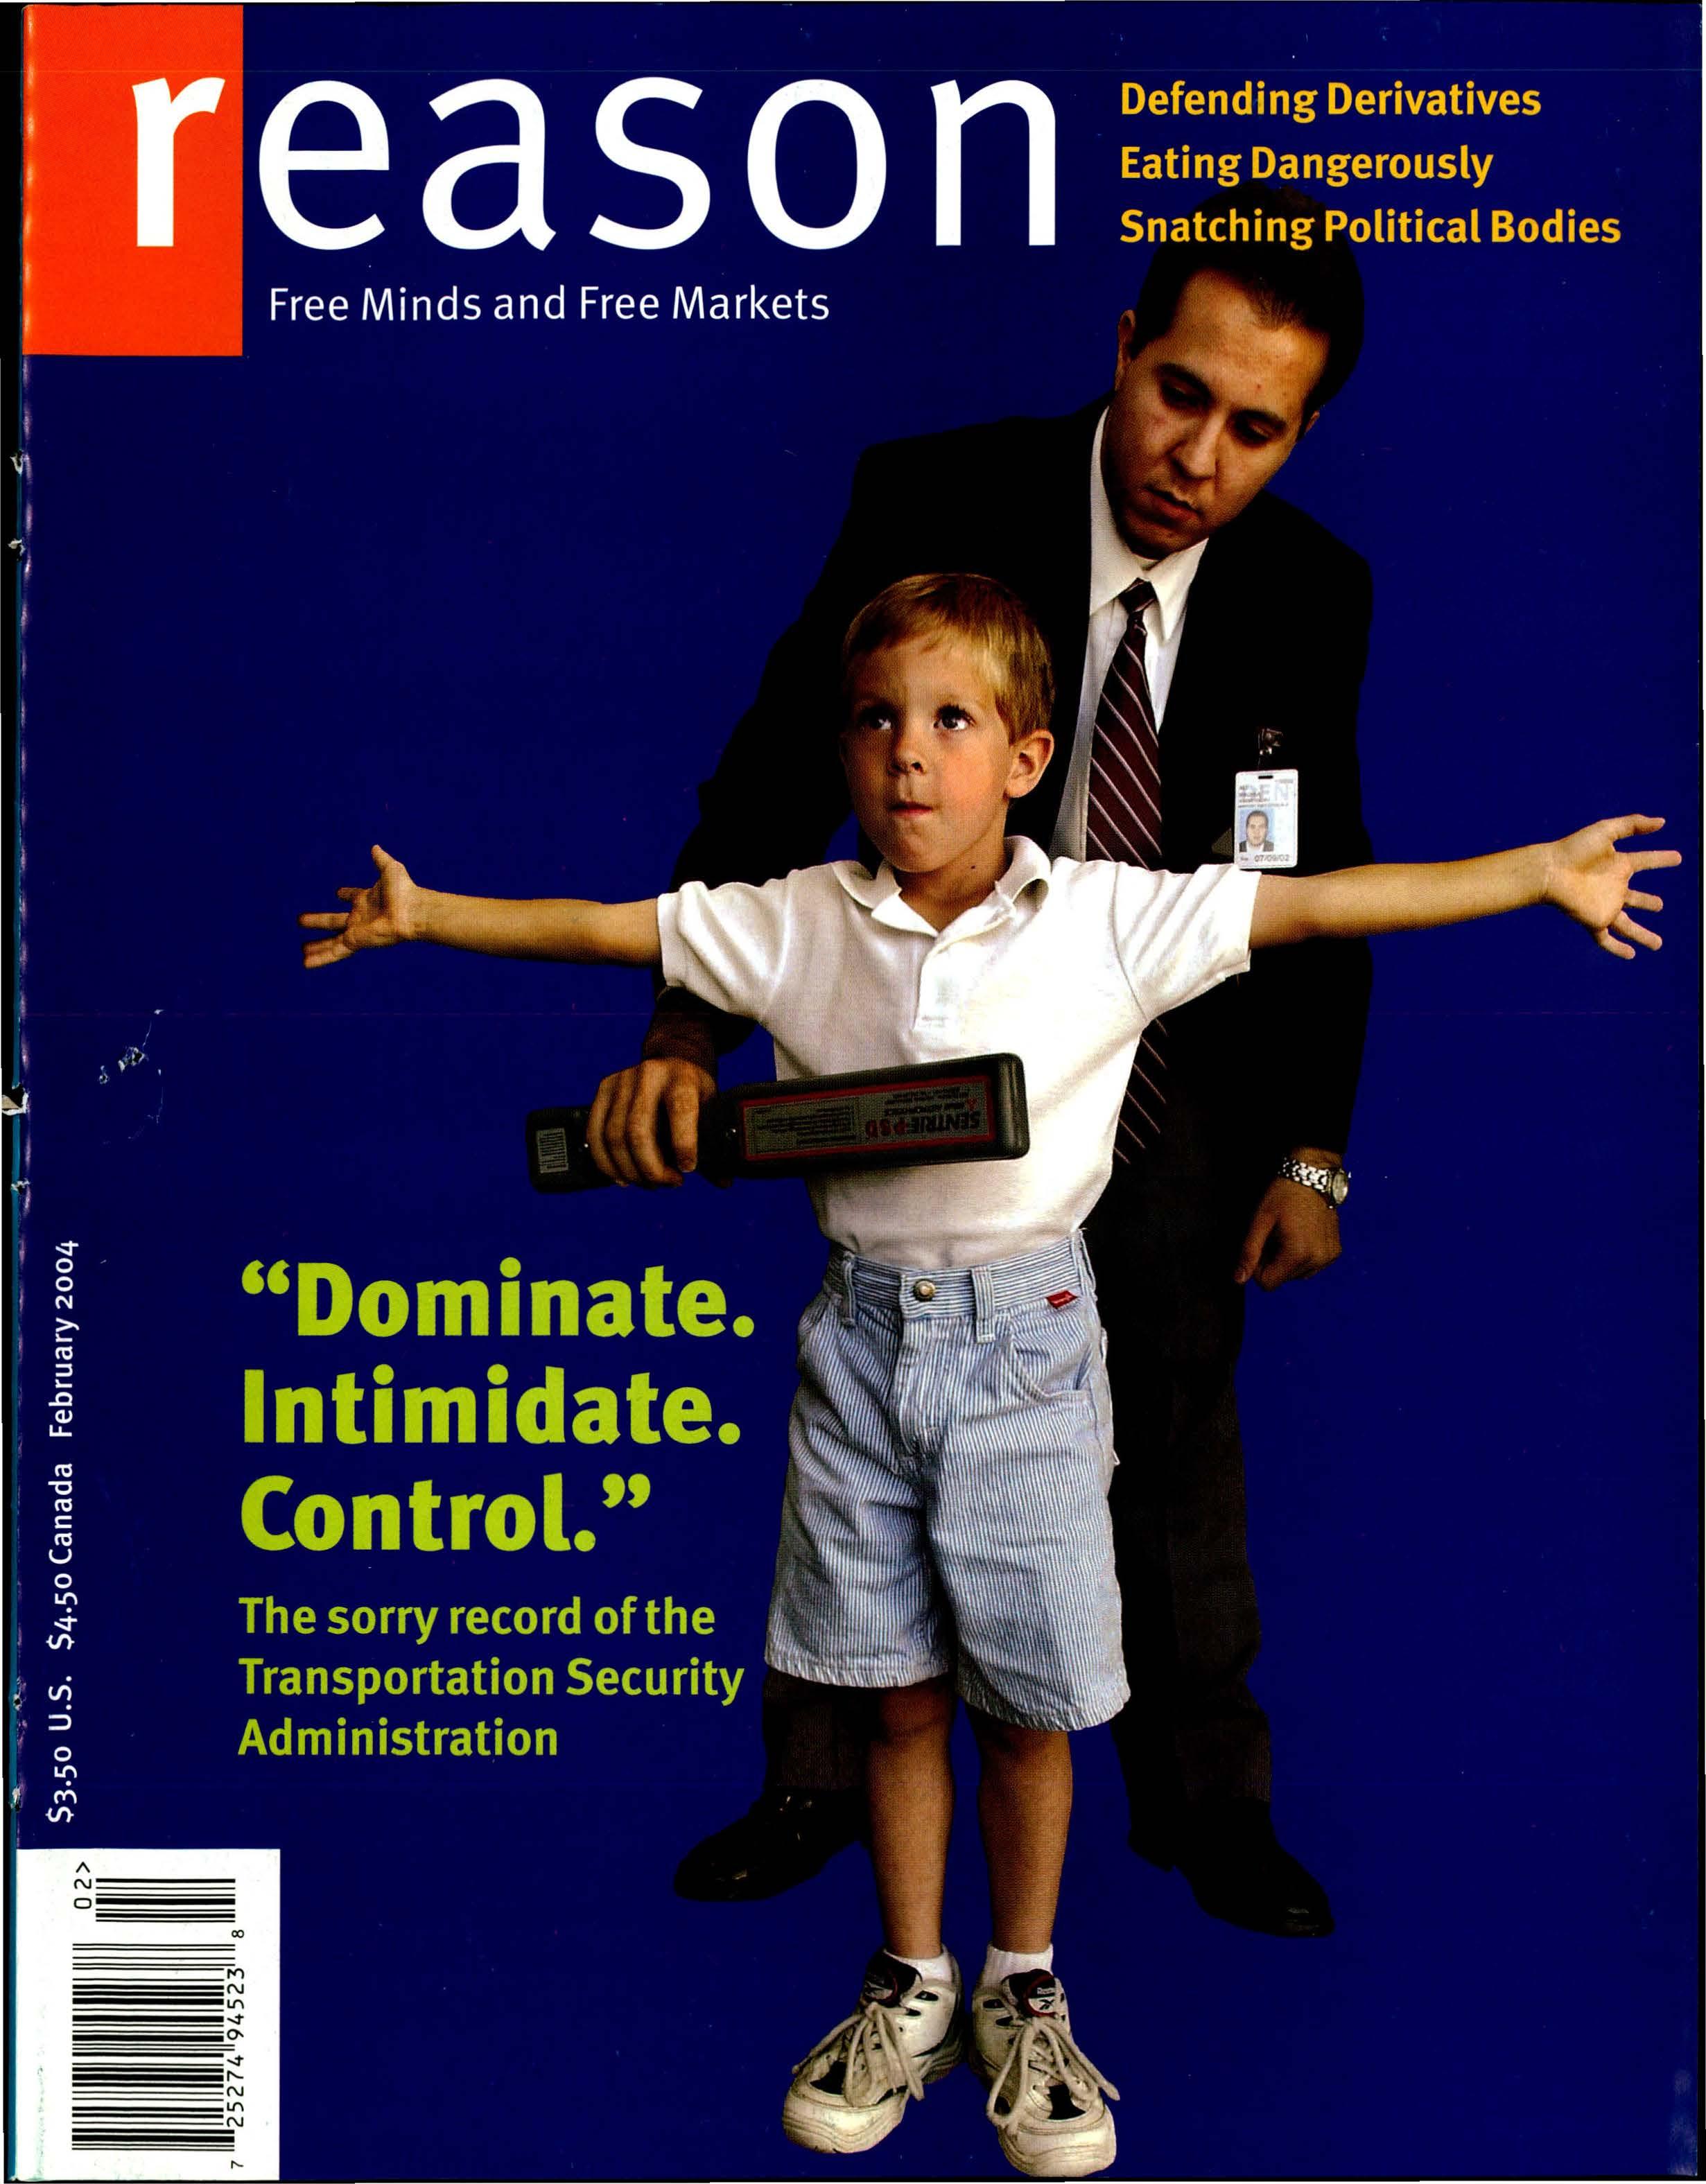 Reason Magazine, February 2004 cover image